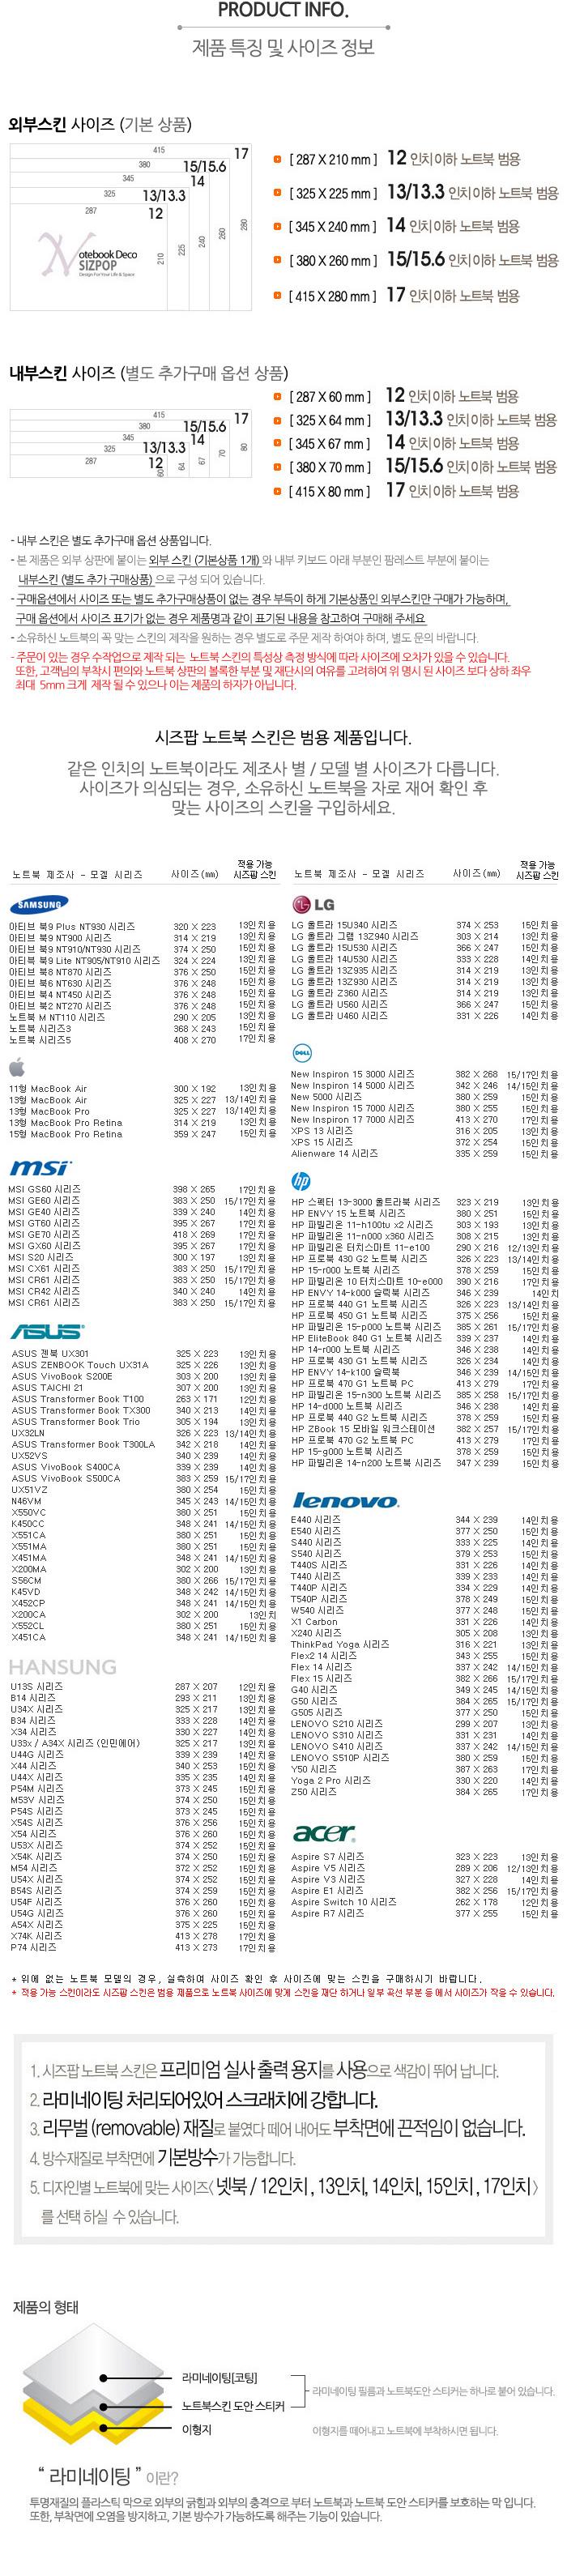 노트북스킨 NB416 스케이트보드 - 시즈팝, 12,000원, 기타 디바이스 , 기타 디바이스 필름/스킨